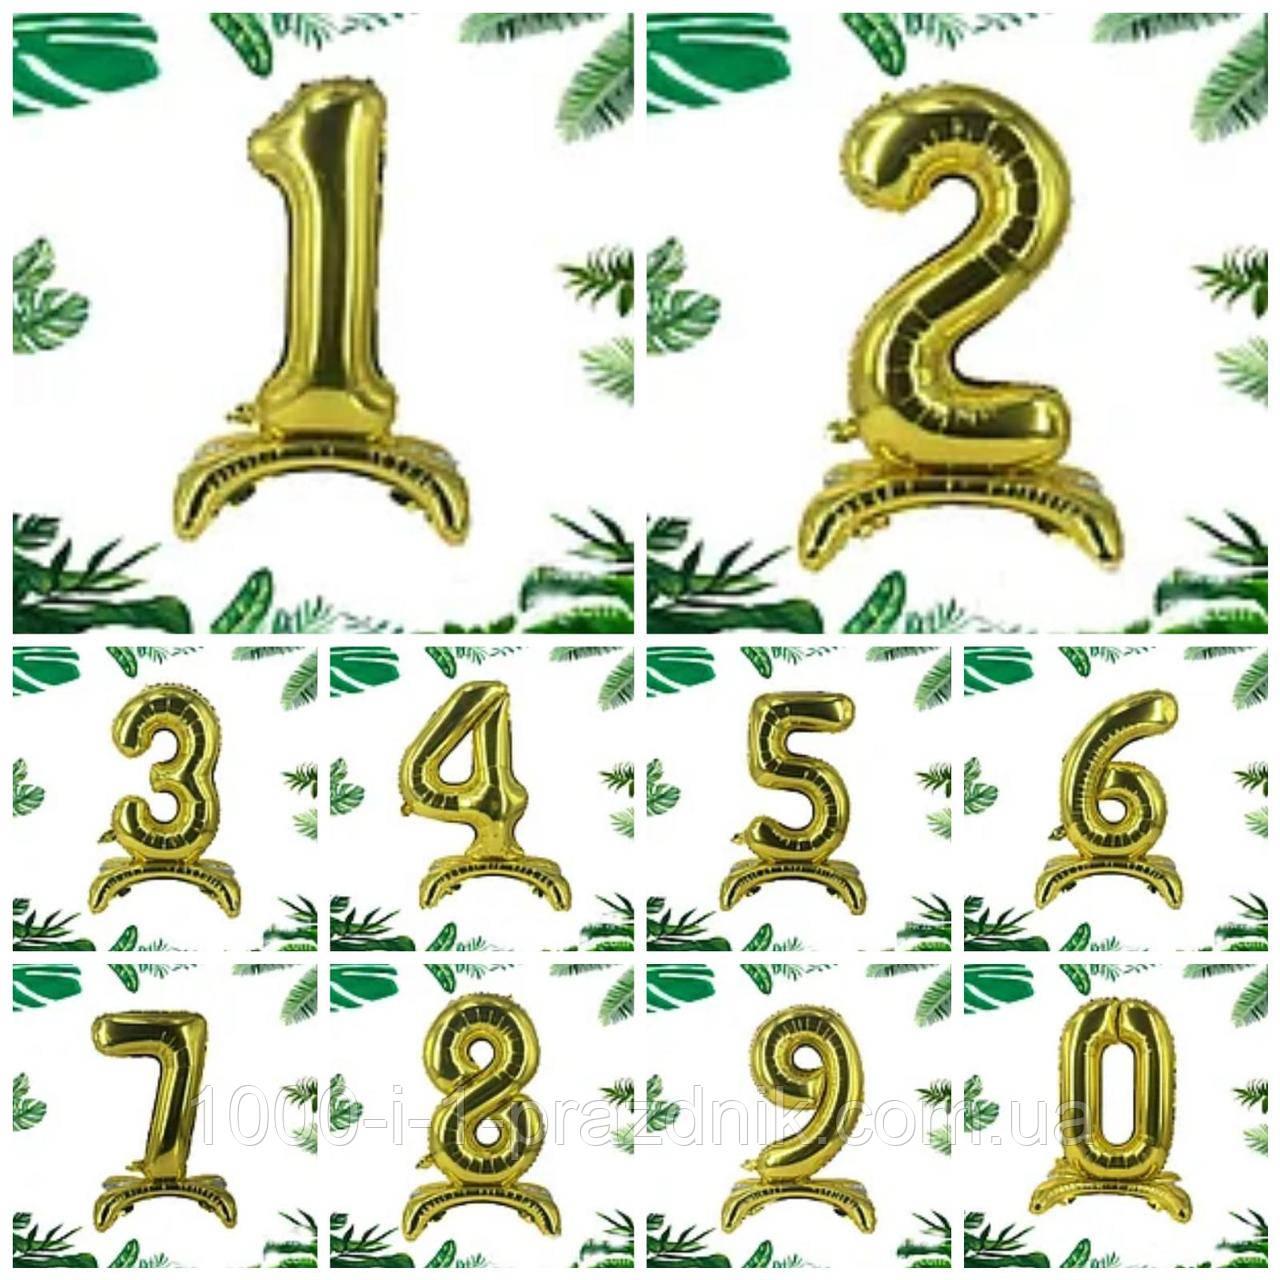 """Трёхмерная цифра на подставке  """"2""""    Золото"""